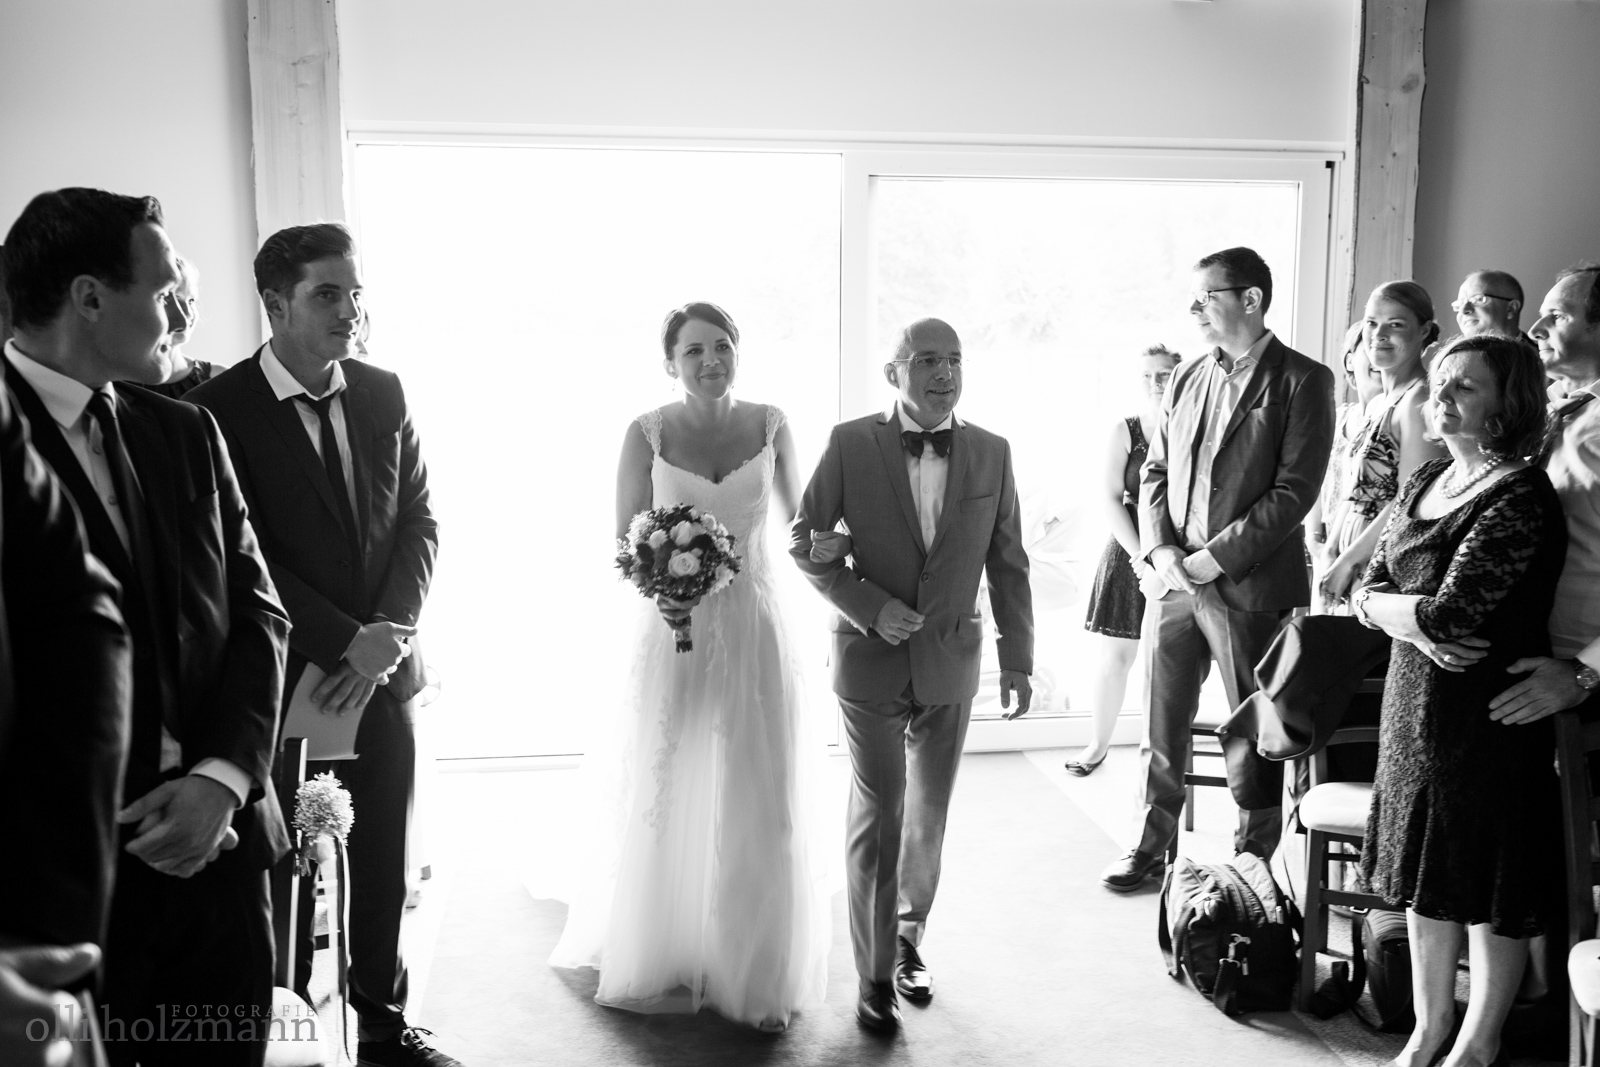 Hochzeitsfotograf_Sonsbeck-44.jpg